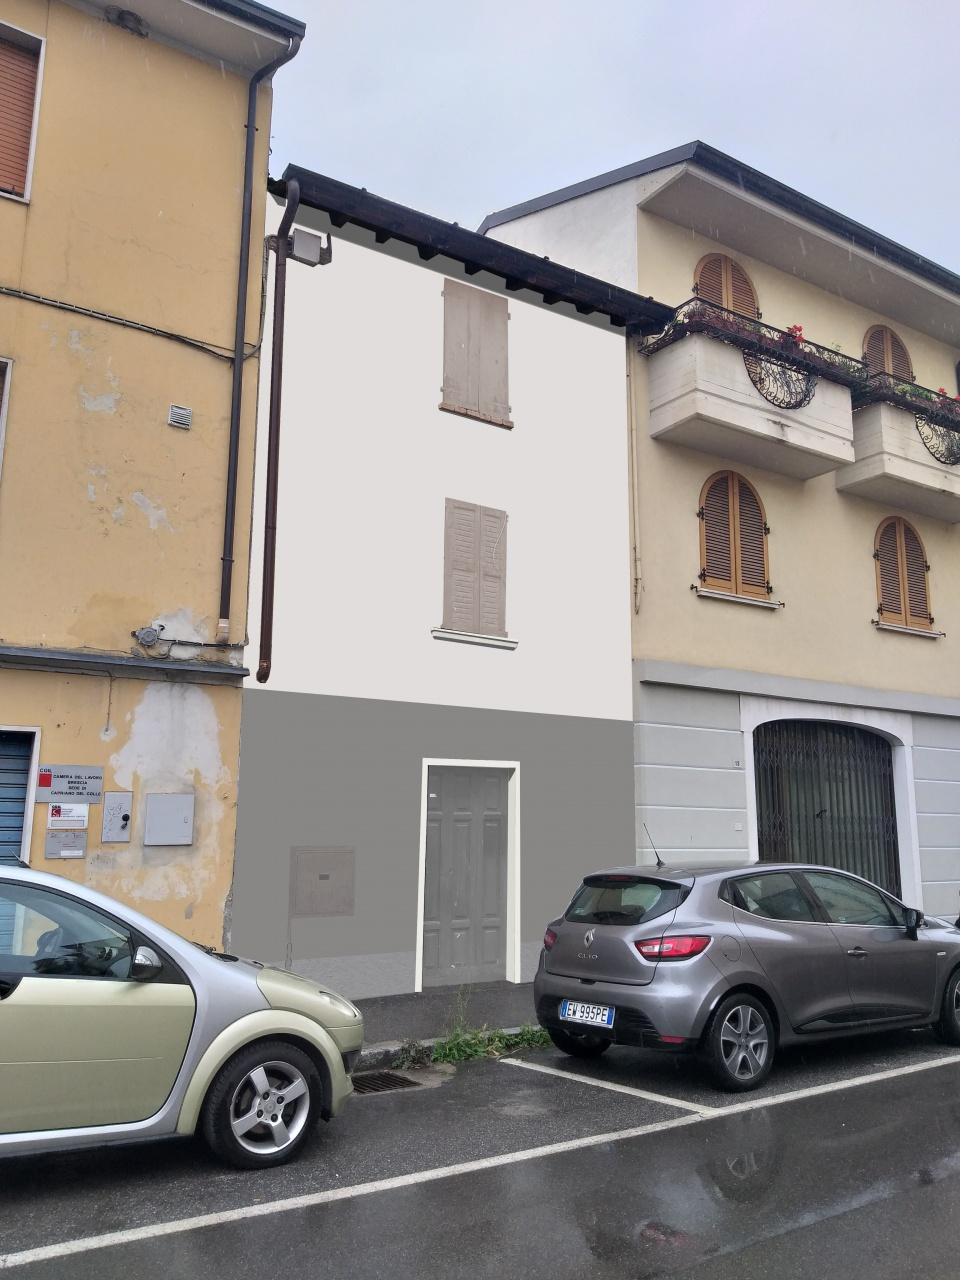 Rustico / Casale in vendita a Capriano del Colle, 4 locali, prezzo € 50.000 | CambioCasa.it